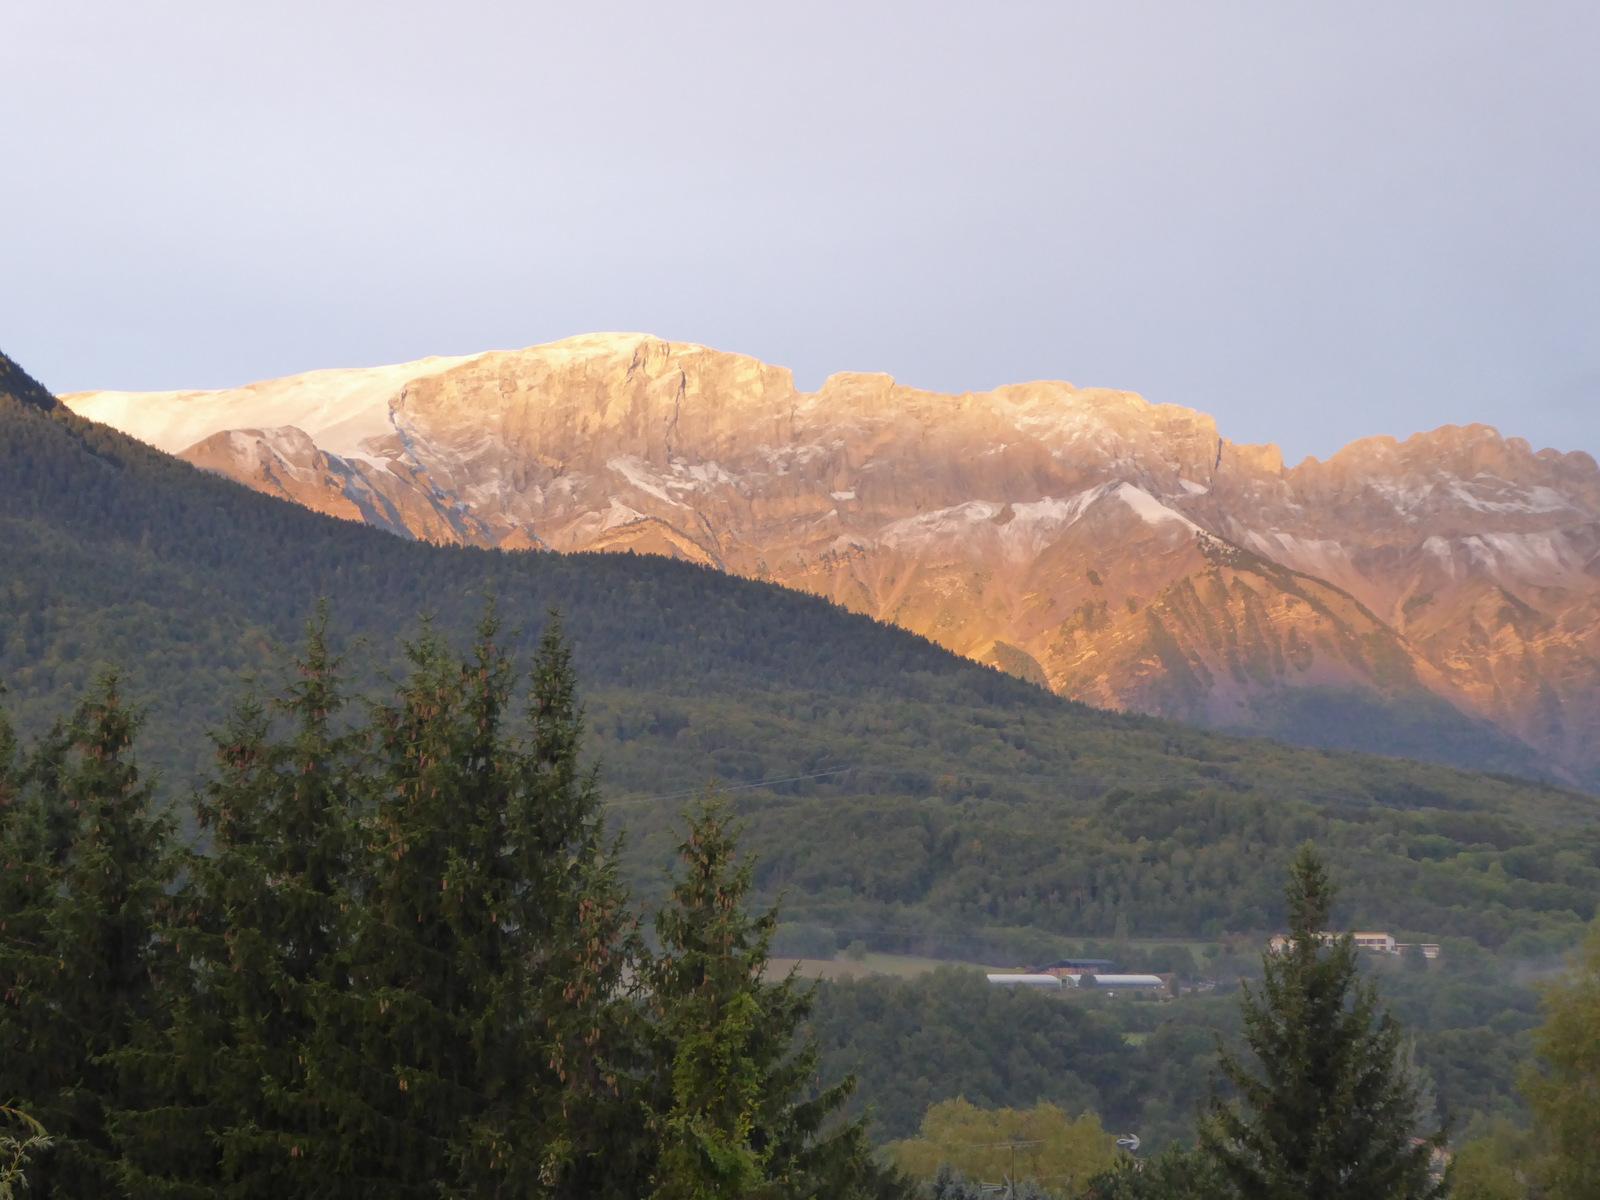 ... il a neigé cette nuit sur les sommets !!!